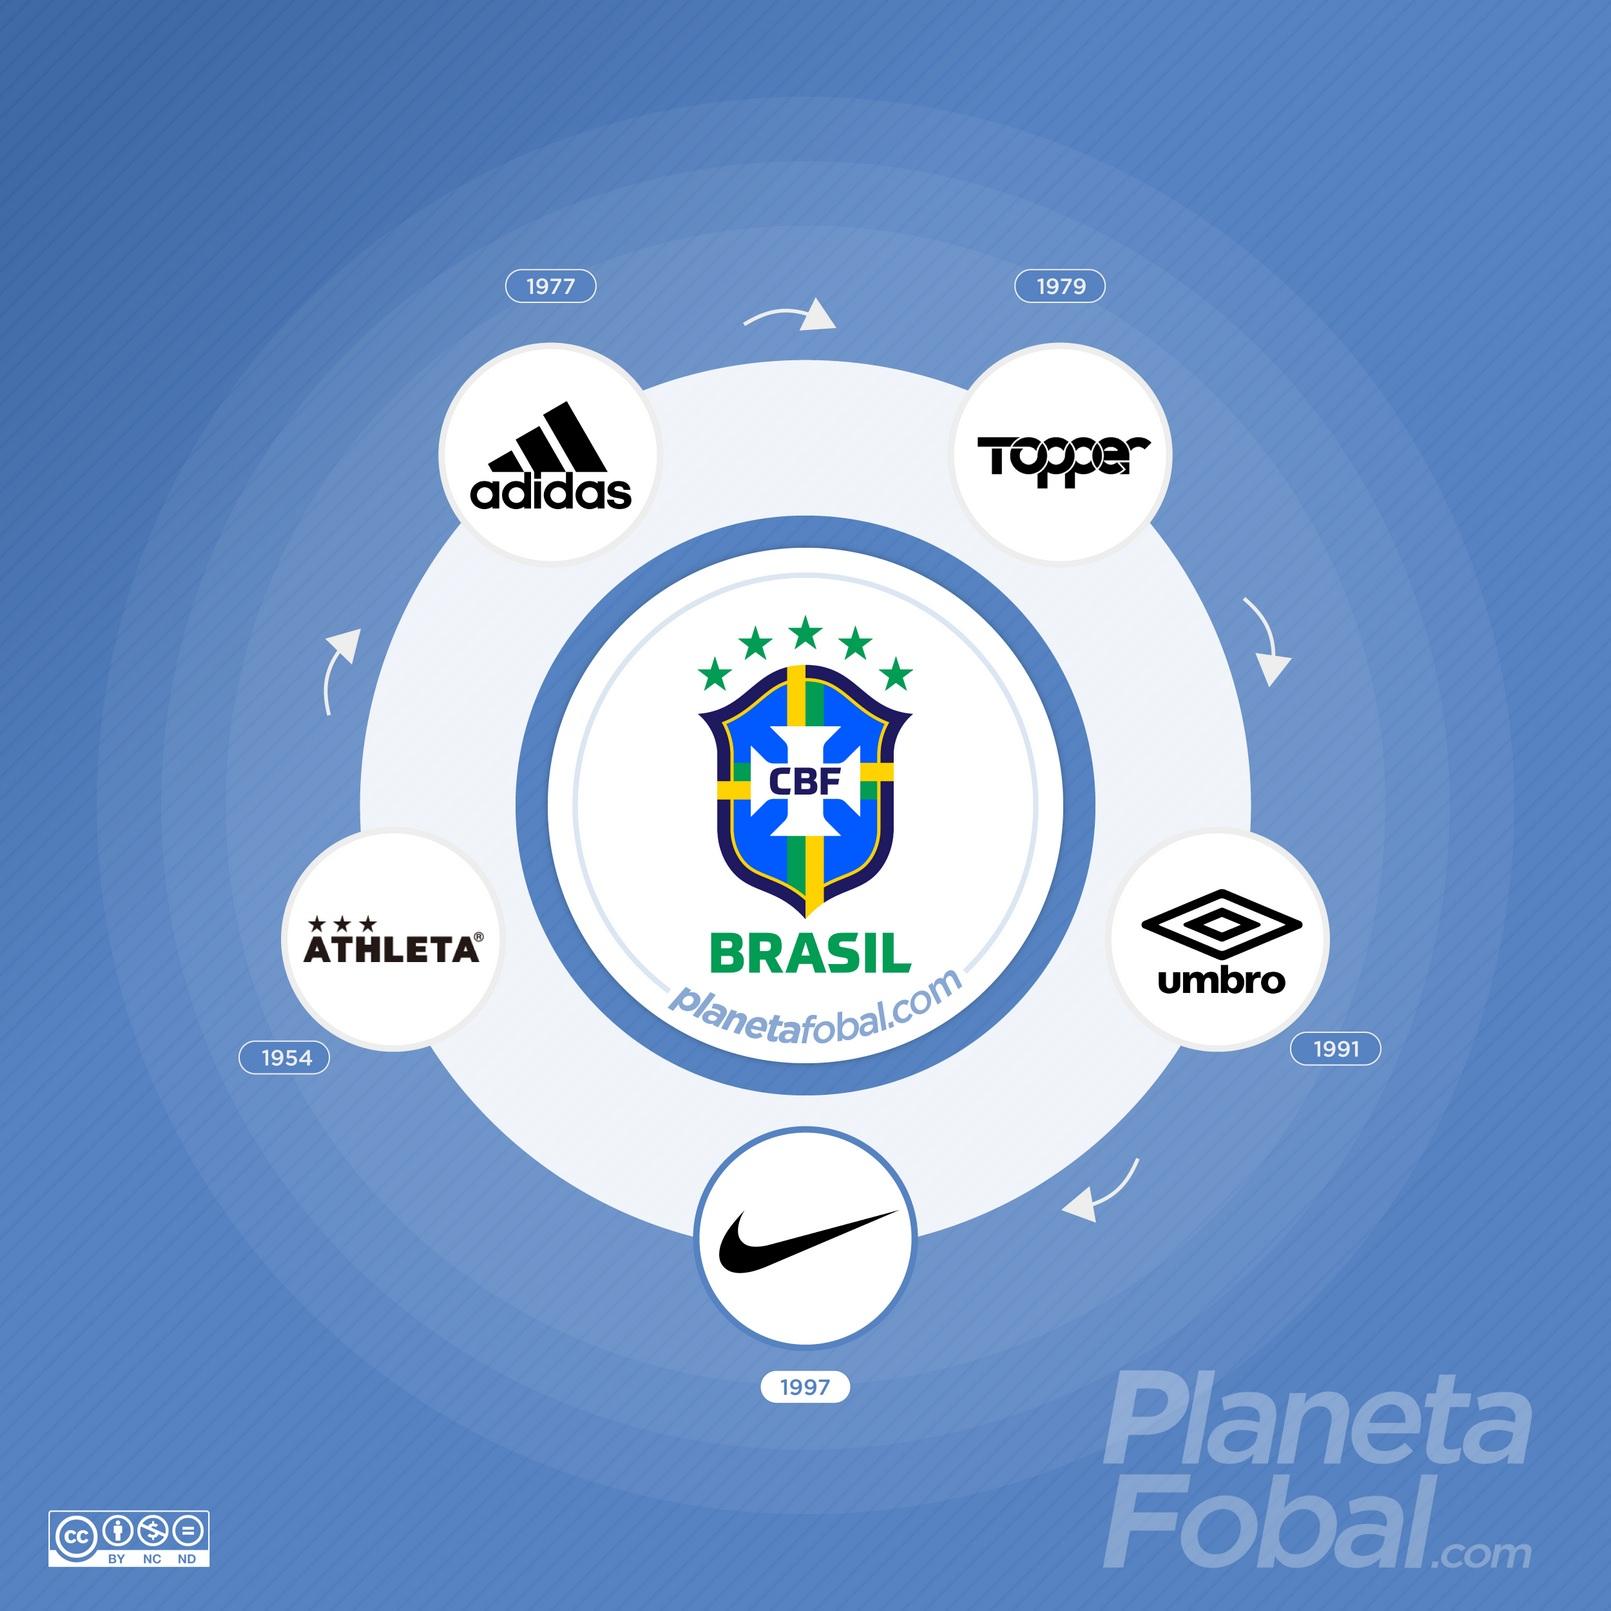 Marcas deportivas que vistieron a la selección de Brasil